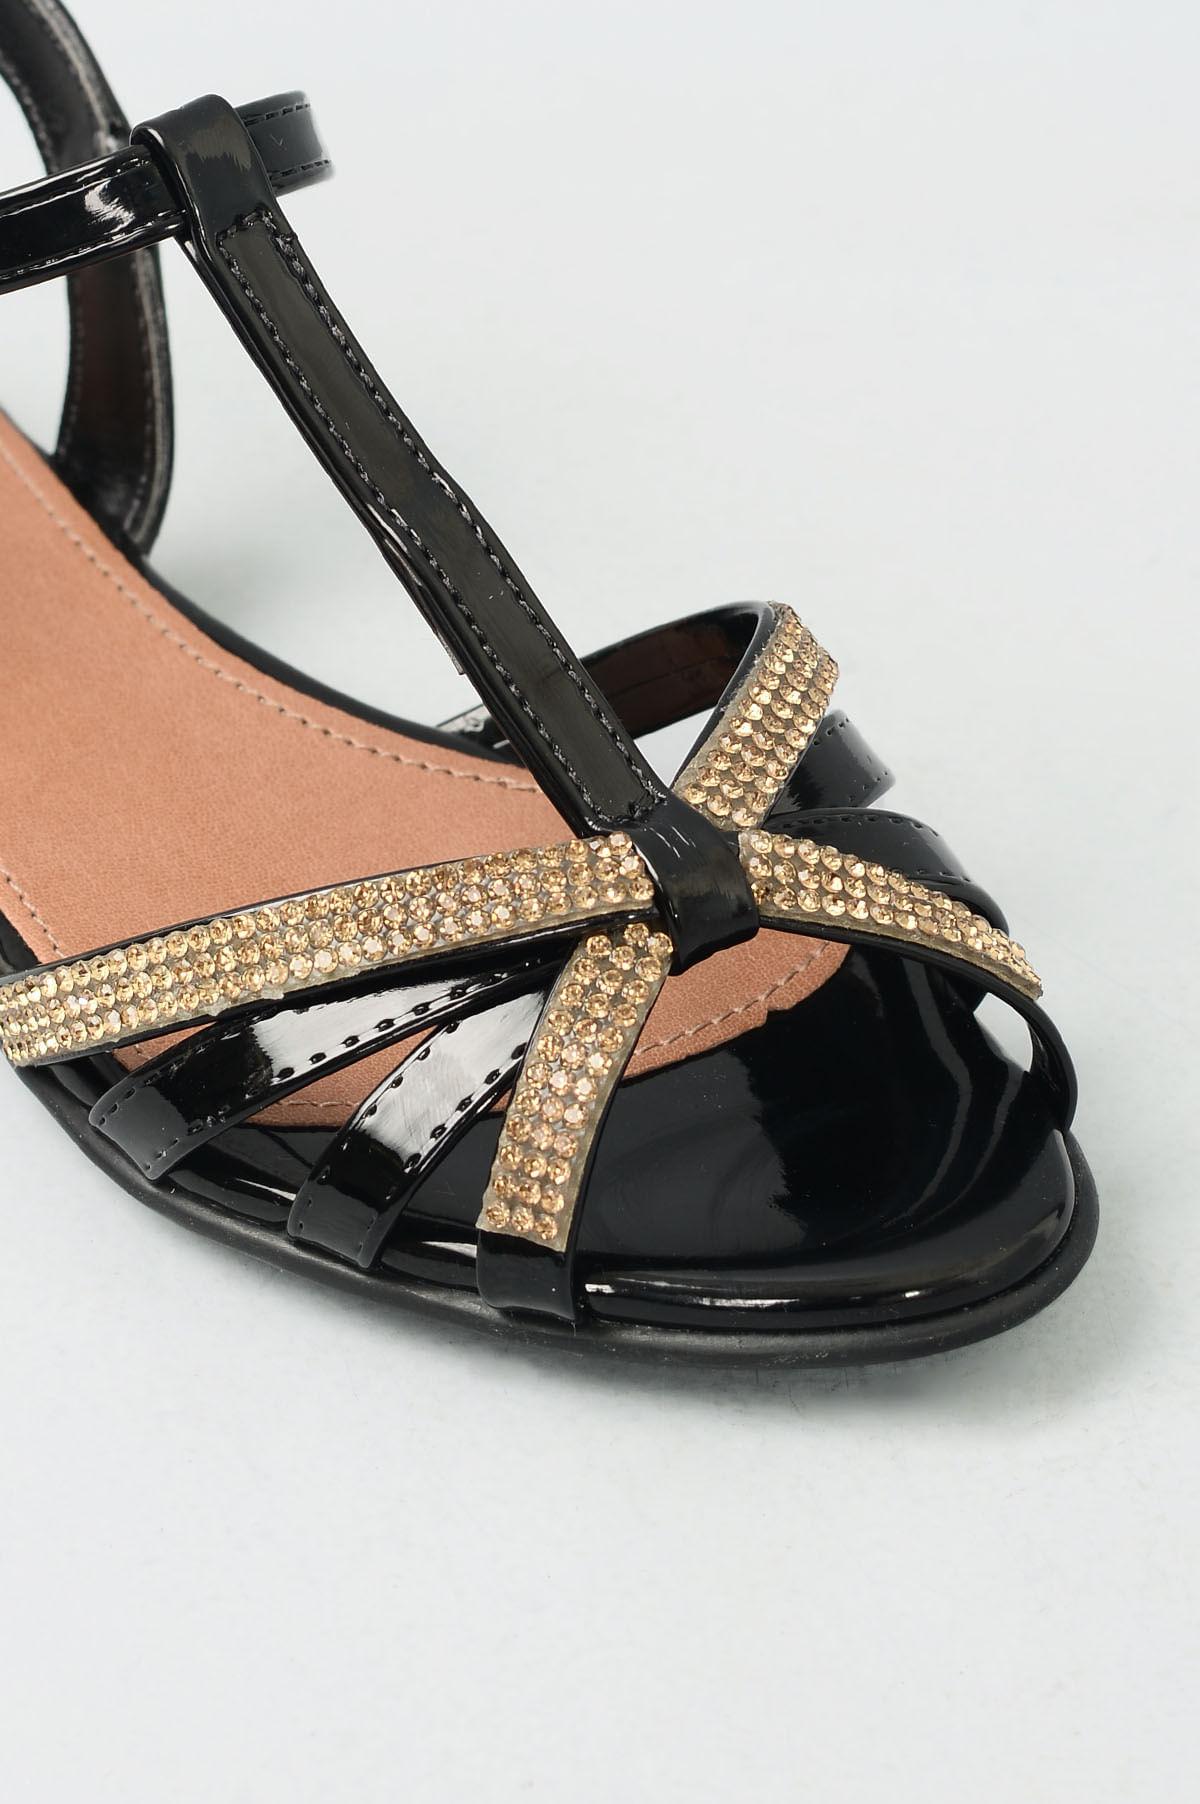 53c9677d2 Sandália Infantil Rasteira Carol Mundial VERNIZ PRETO - Mundial Calçados